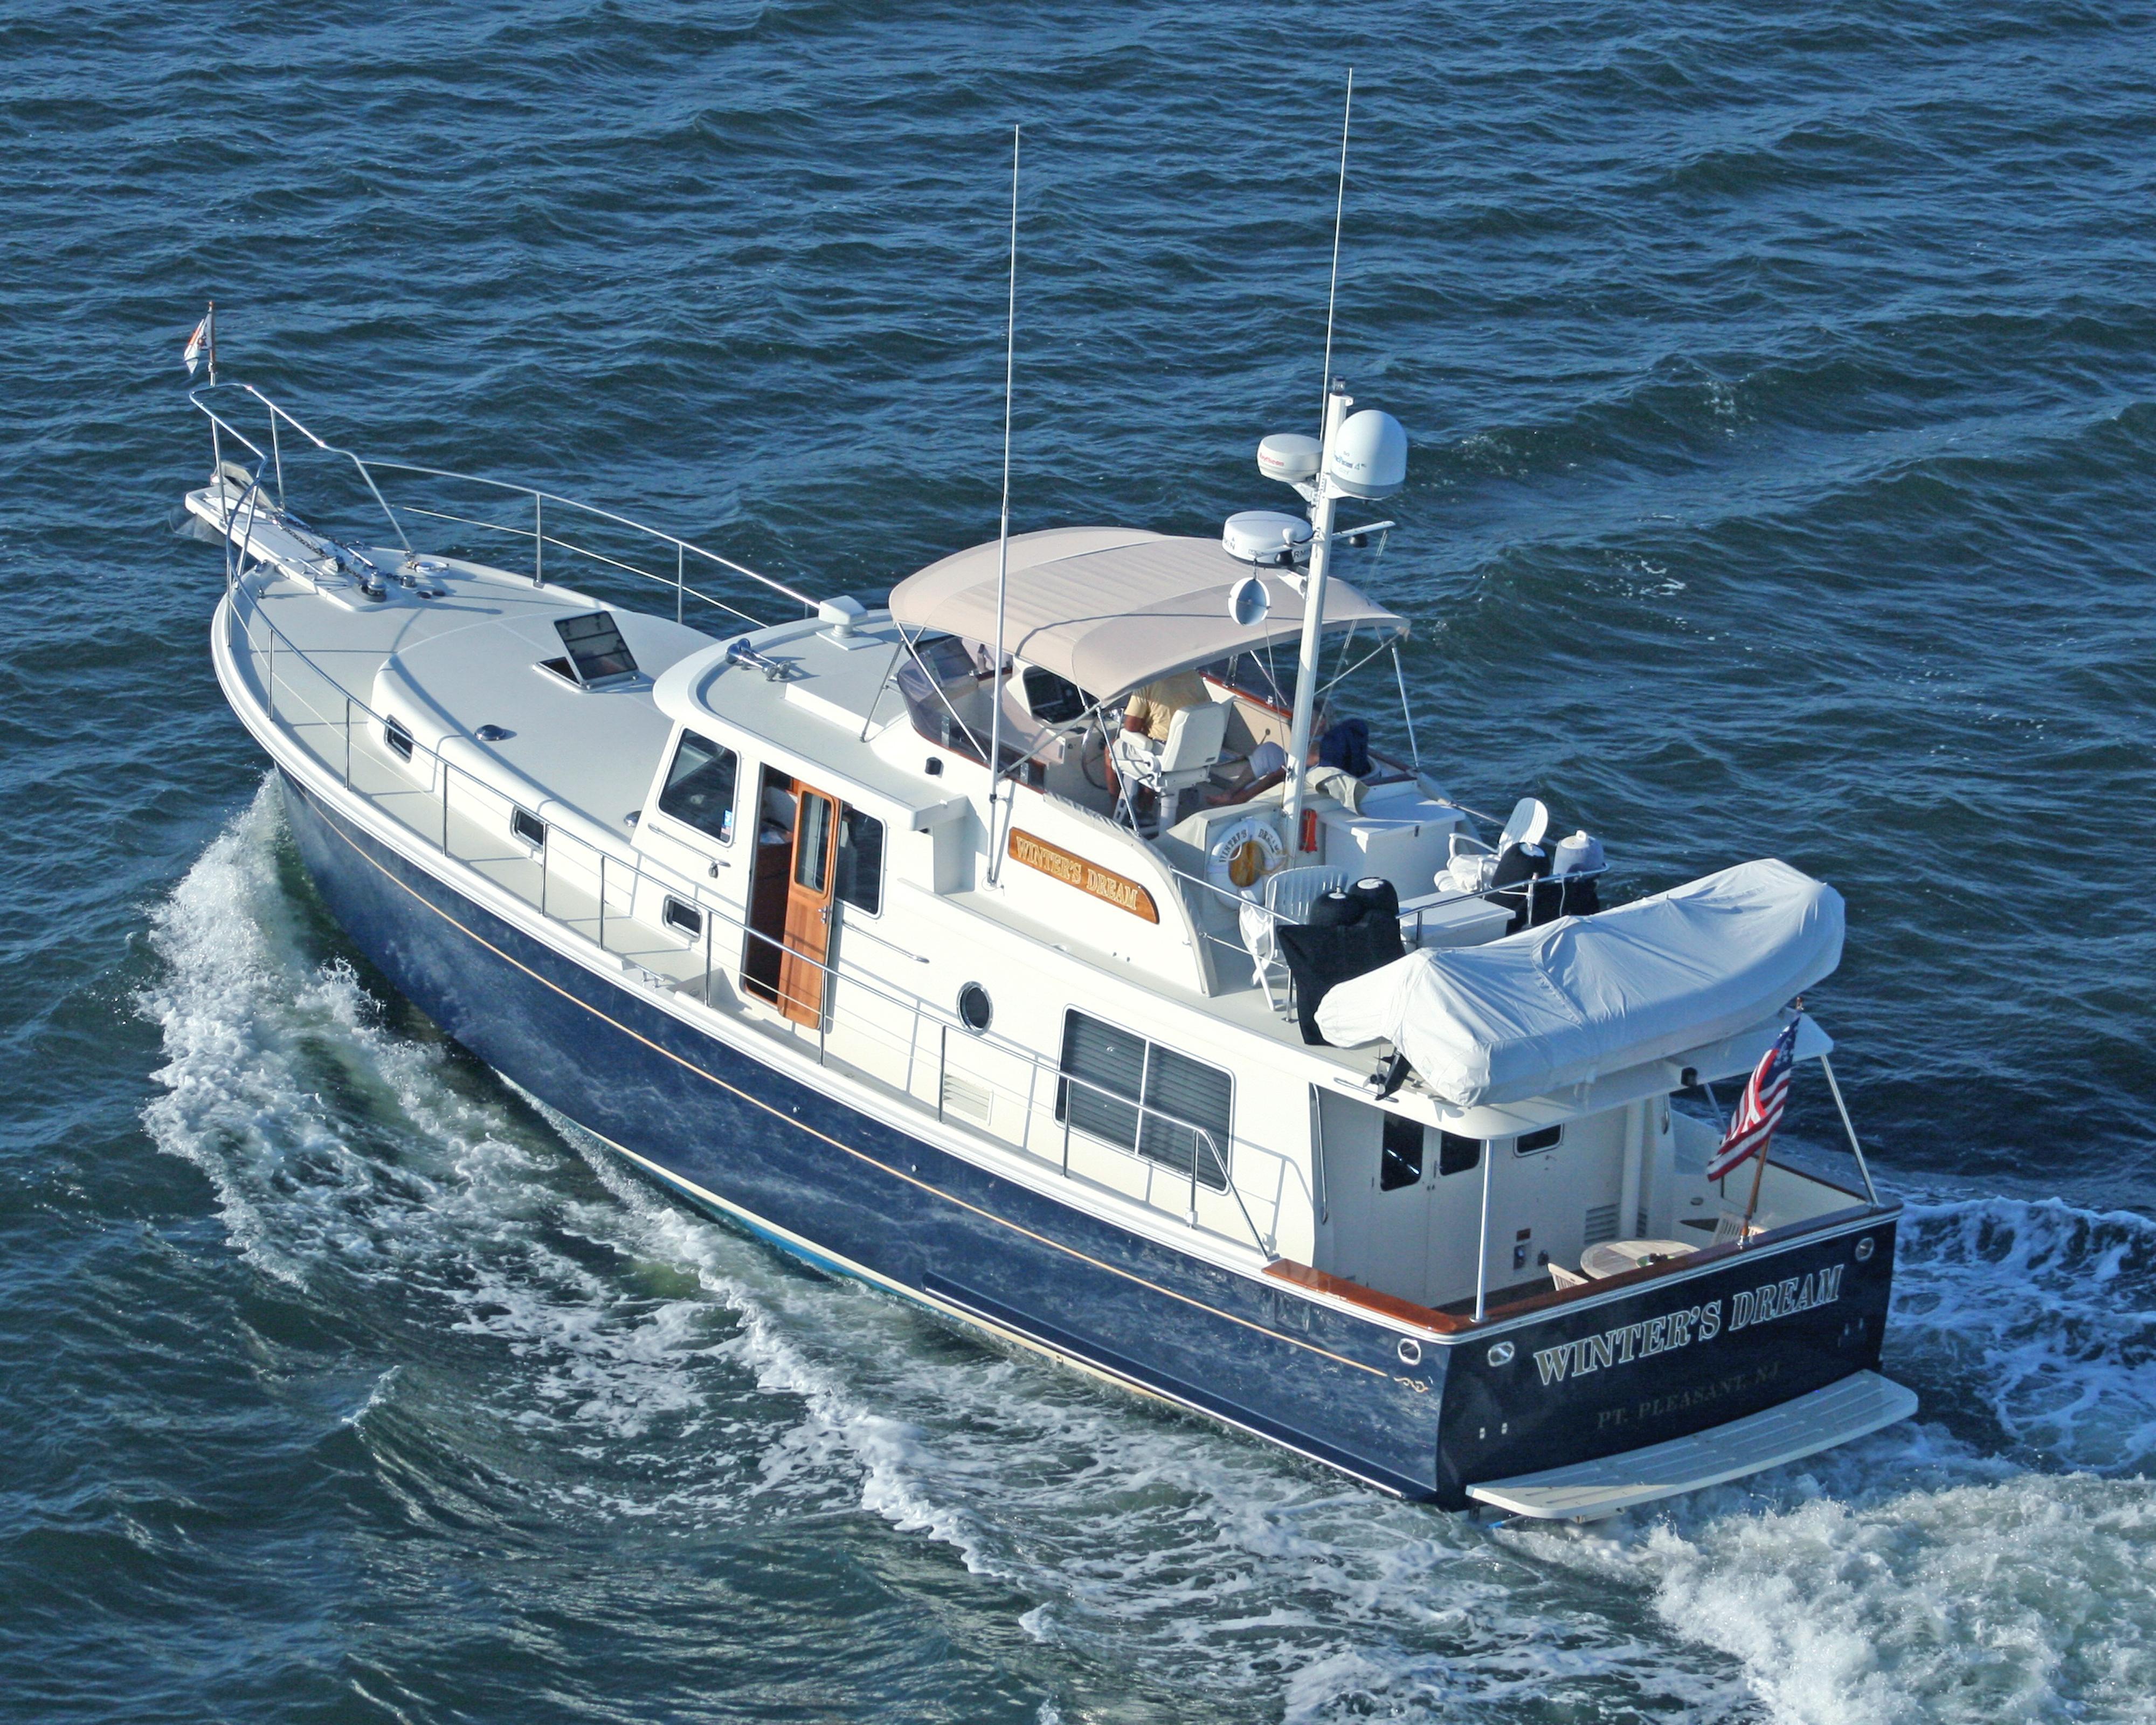 Winters Dream Krogen Express 49 Yachts for Sale